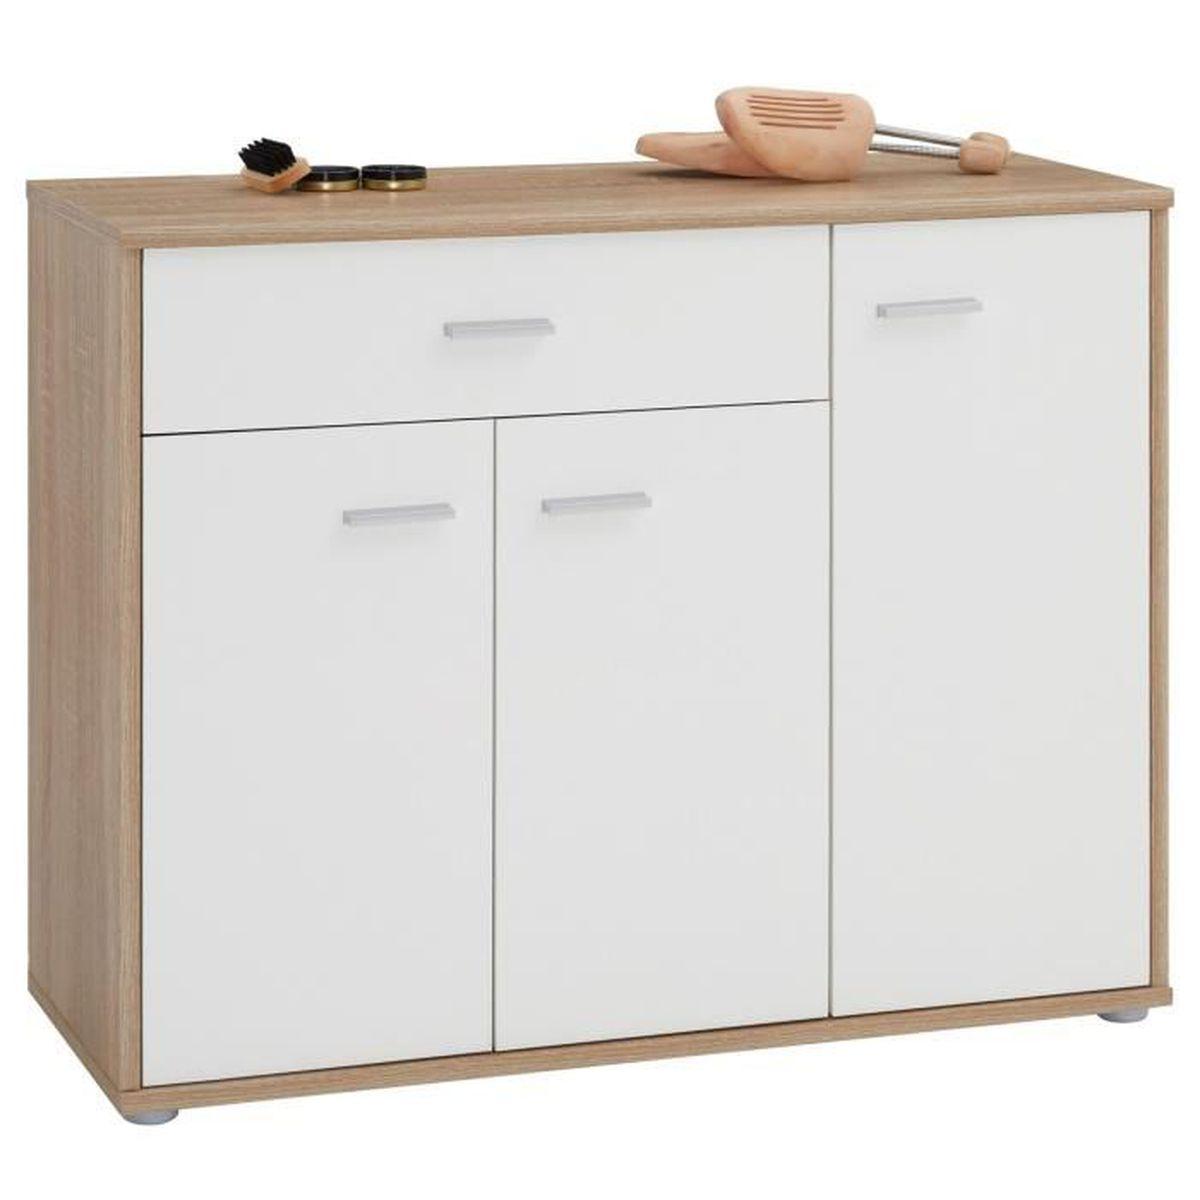 Porte Chaussure Derriere Porte meuble à chaussures camille, commode meuble de rangement